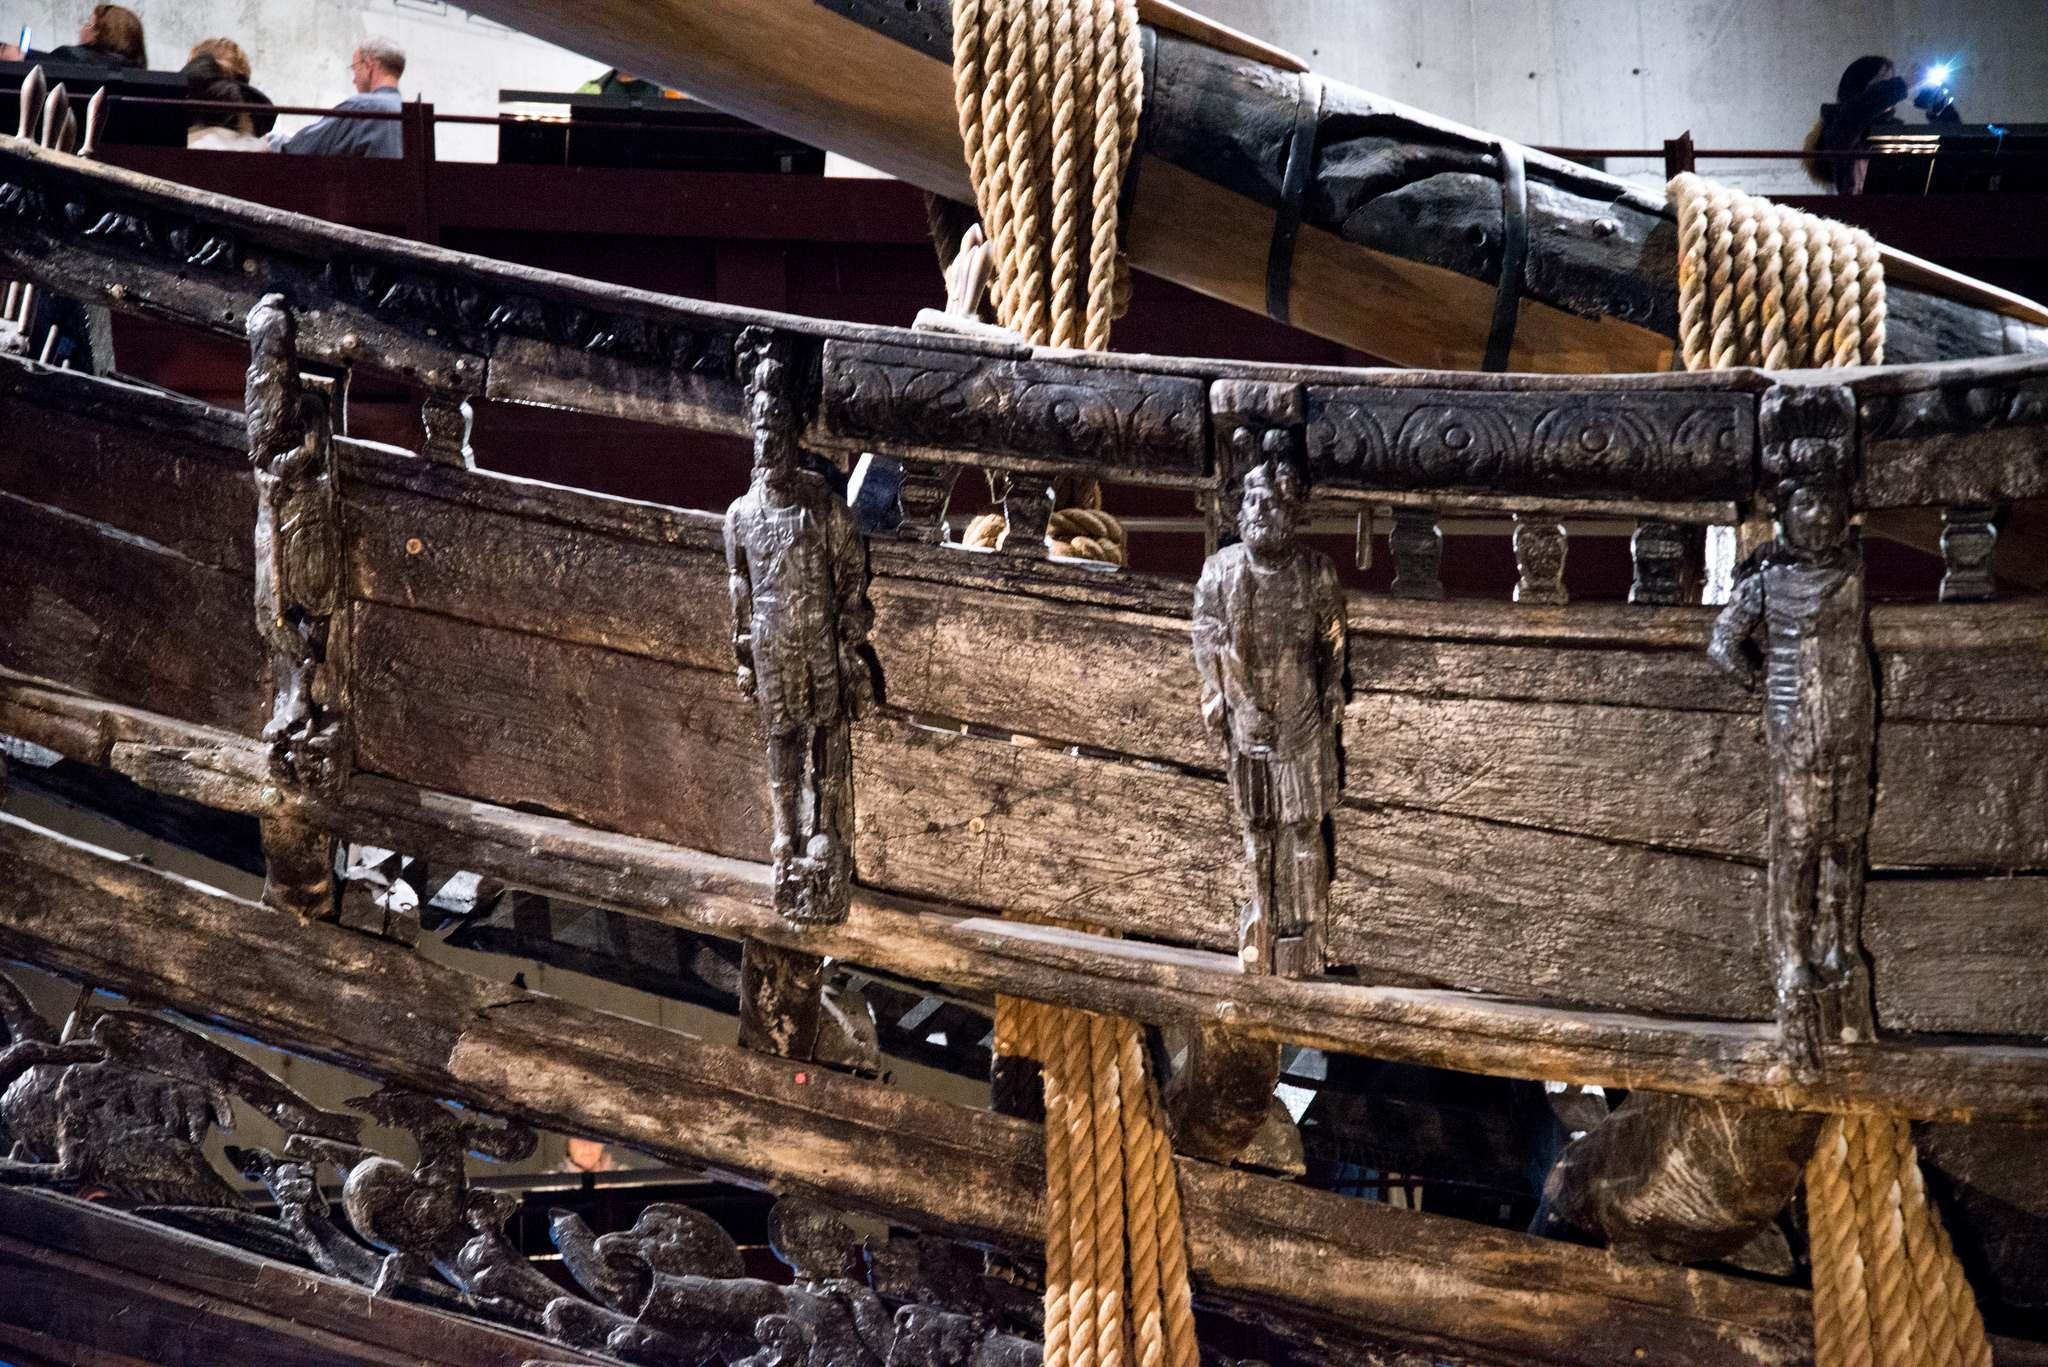 wasa11 Wasa   Swedish War Ship in Stockholm